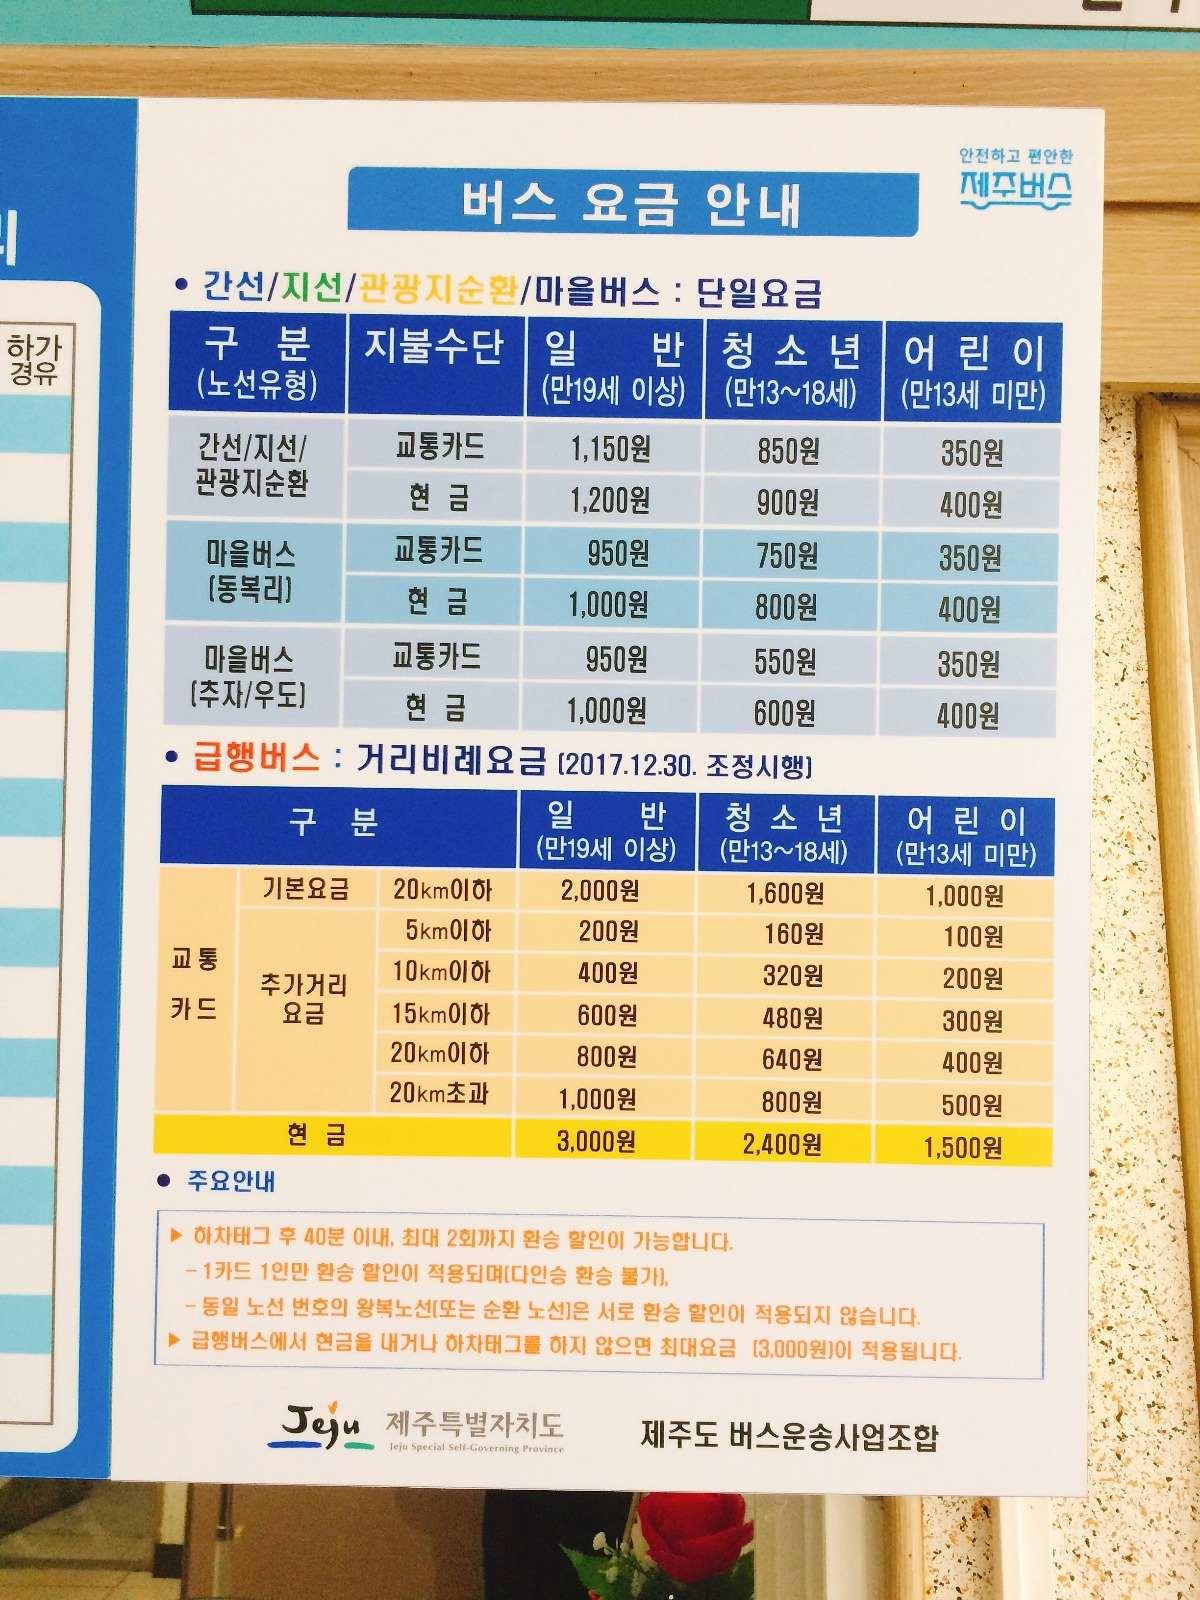 如果大家有韓國的交通卡的話,急行線的基本車費是2000,超過20km才會每5km多收200元,因此大家一定要帶交通卡,如果沒有的話也可以在櫃台購買。